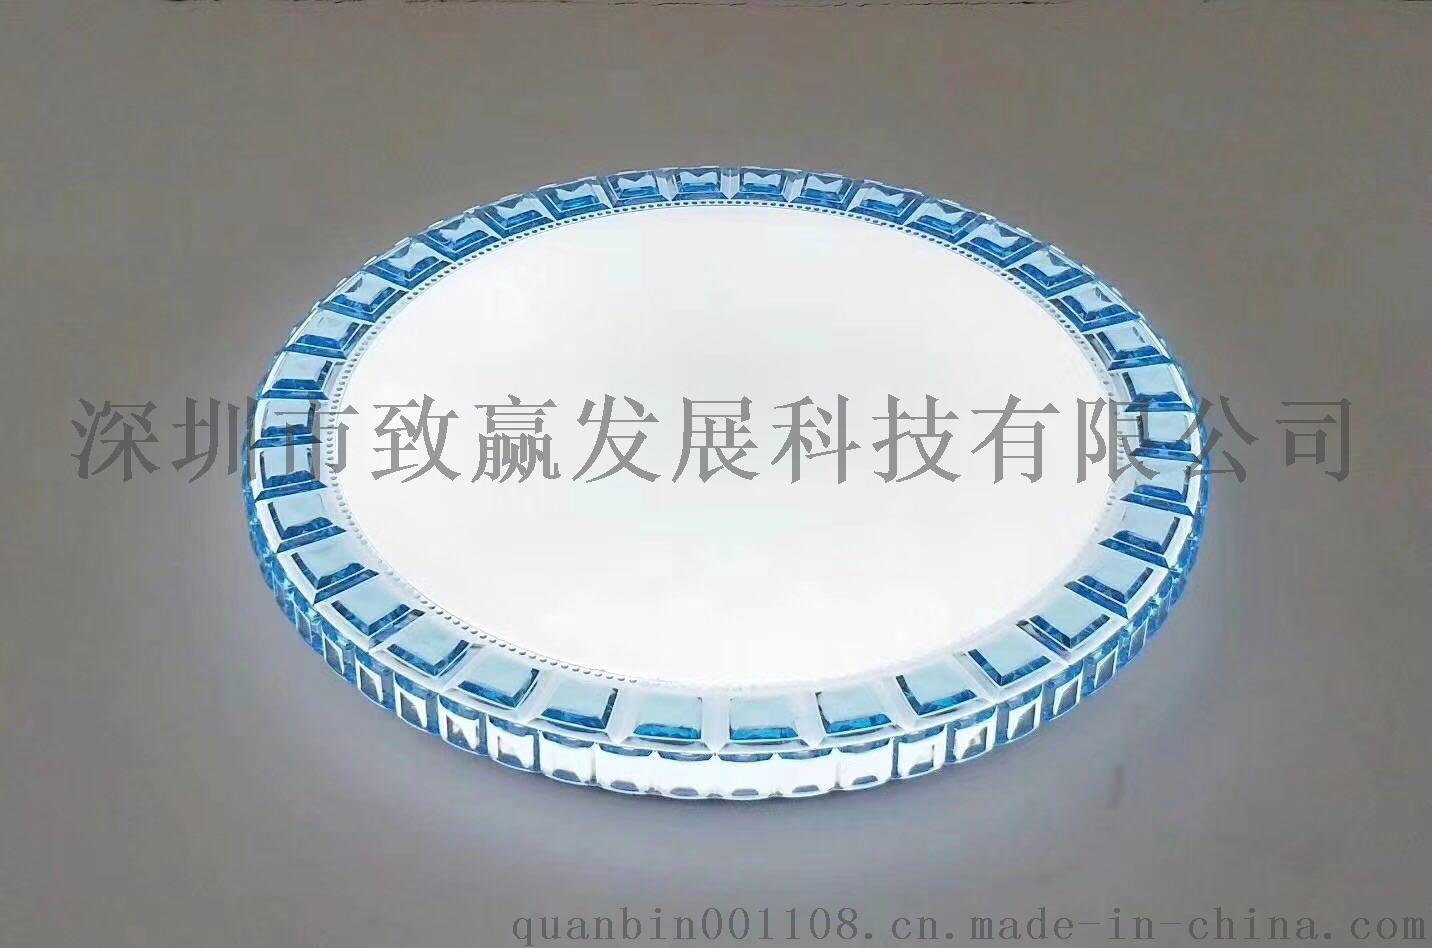 微信圖片_20180327095210.jpg